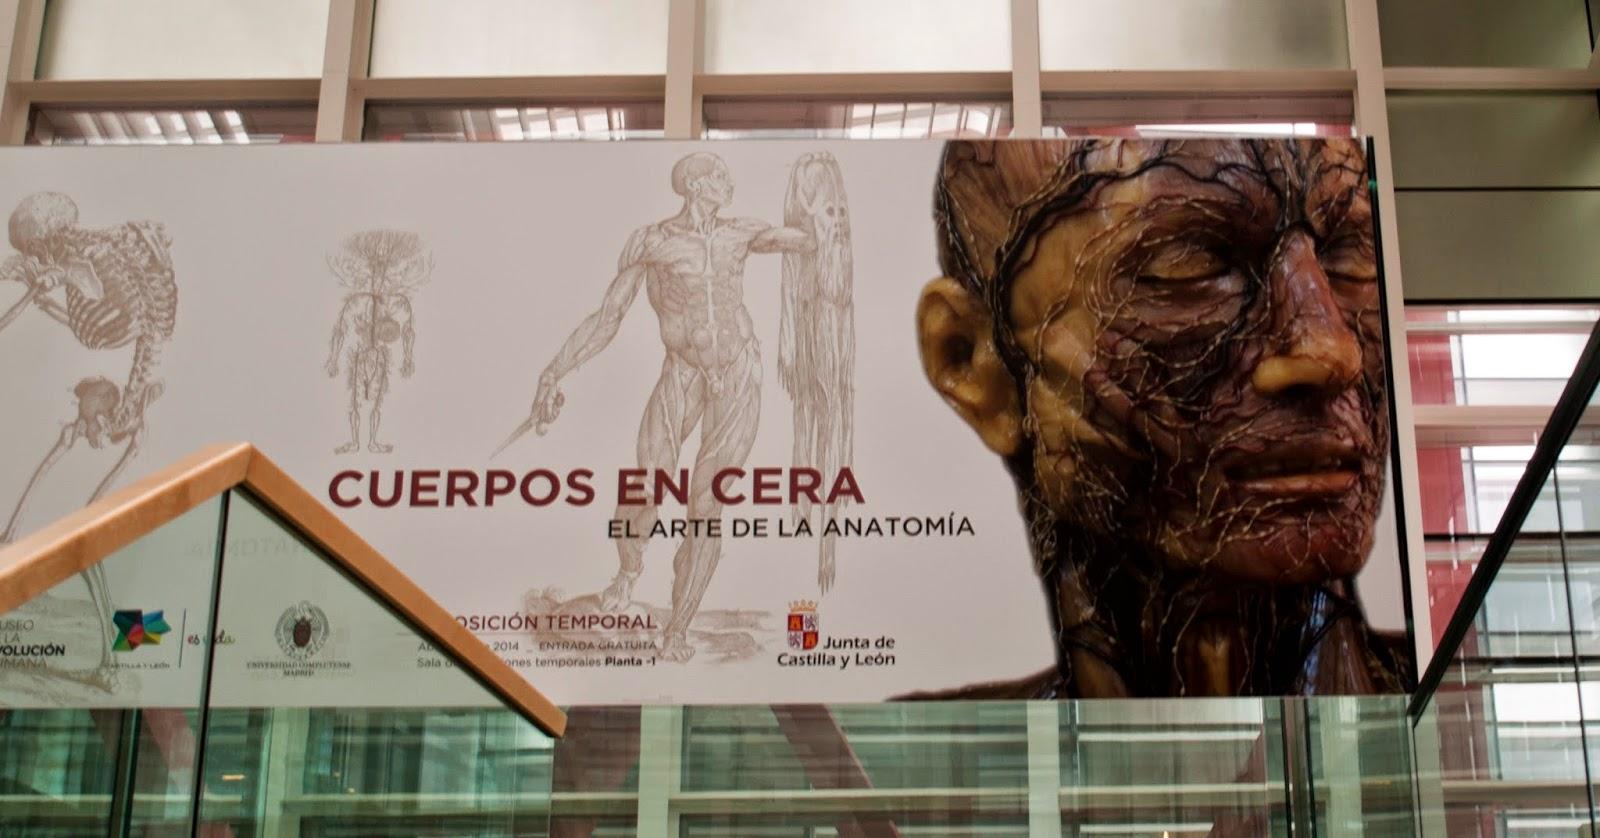 Freakland Scenics: Cuerpos en cera: El arte de la anatomía